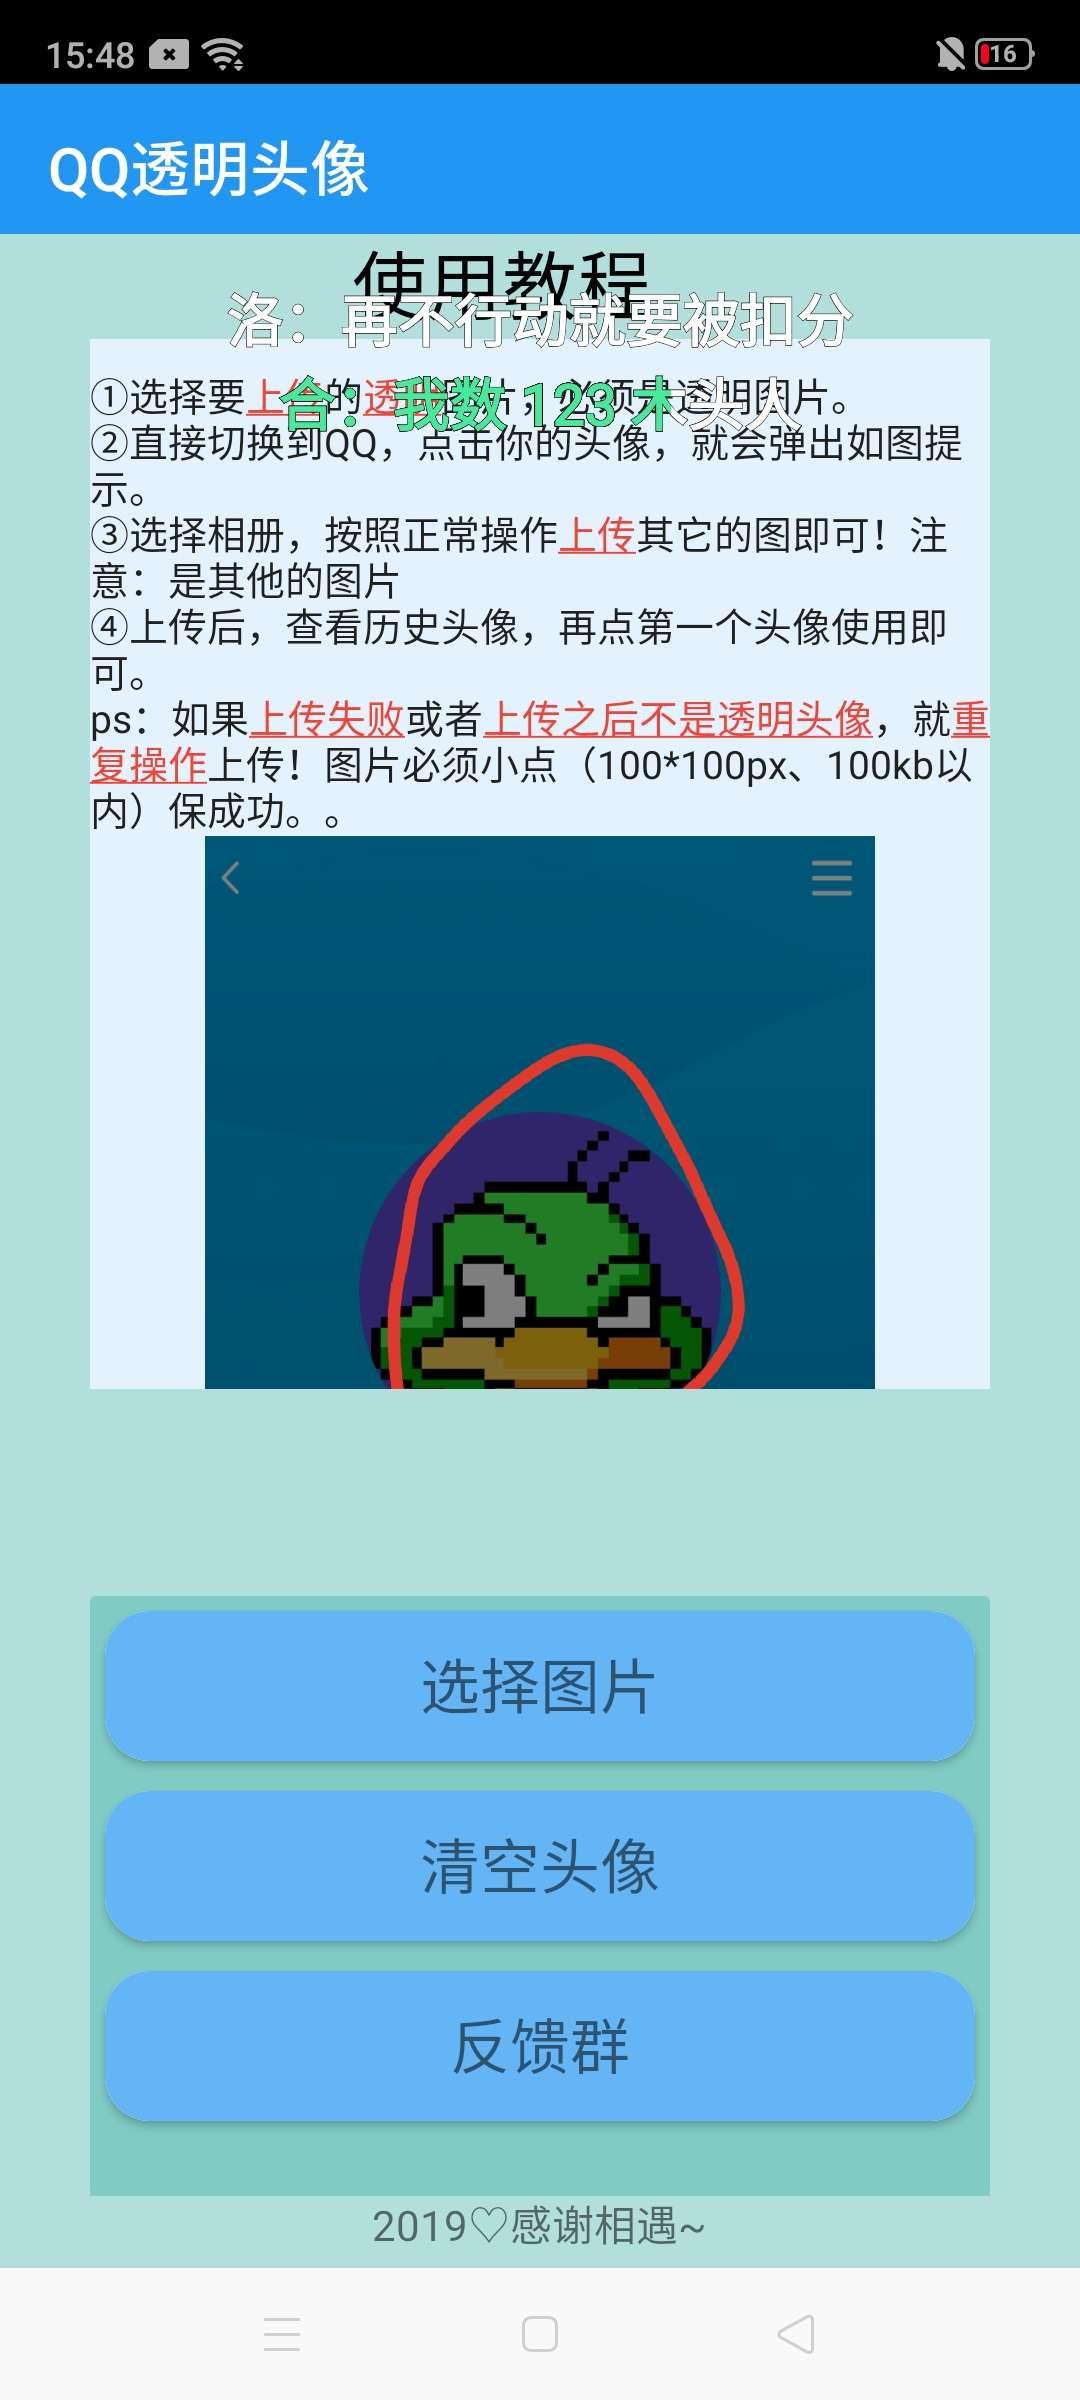 【原创开发】不需要会员设置QQ透明(半透明方块)头像